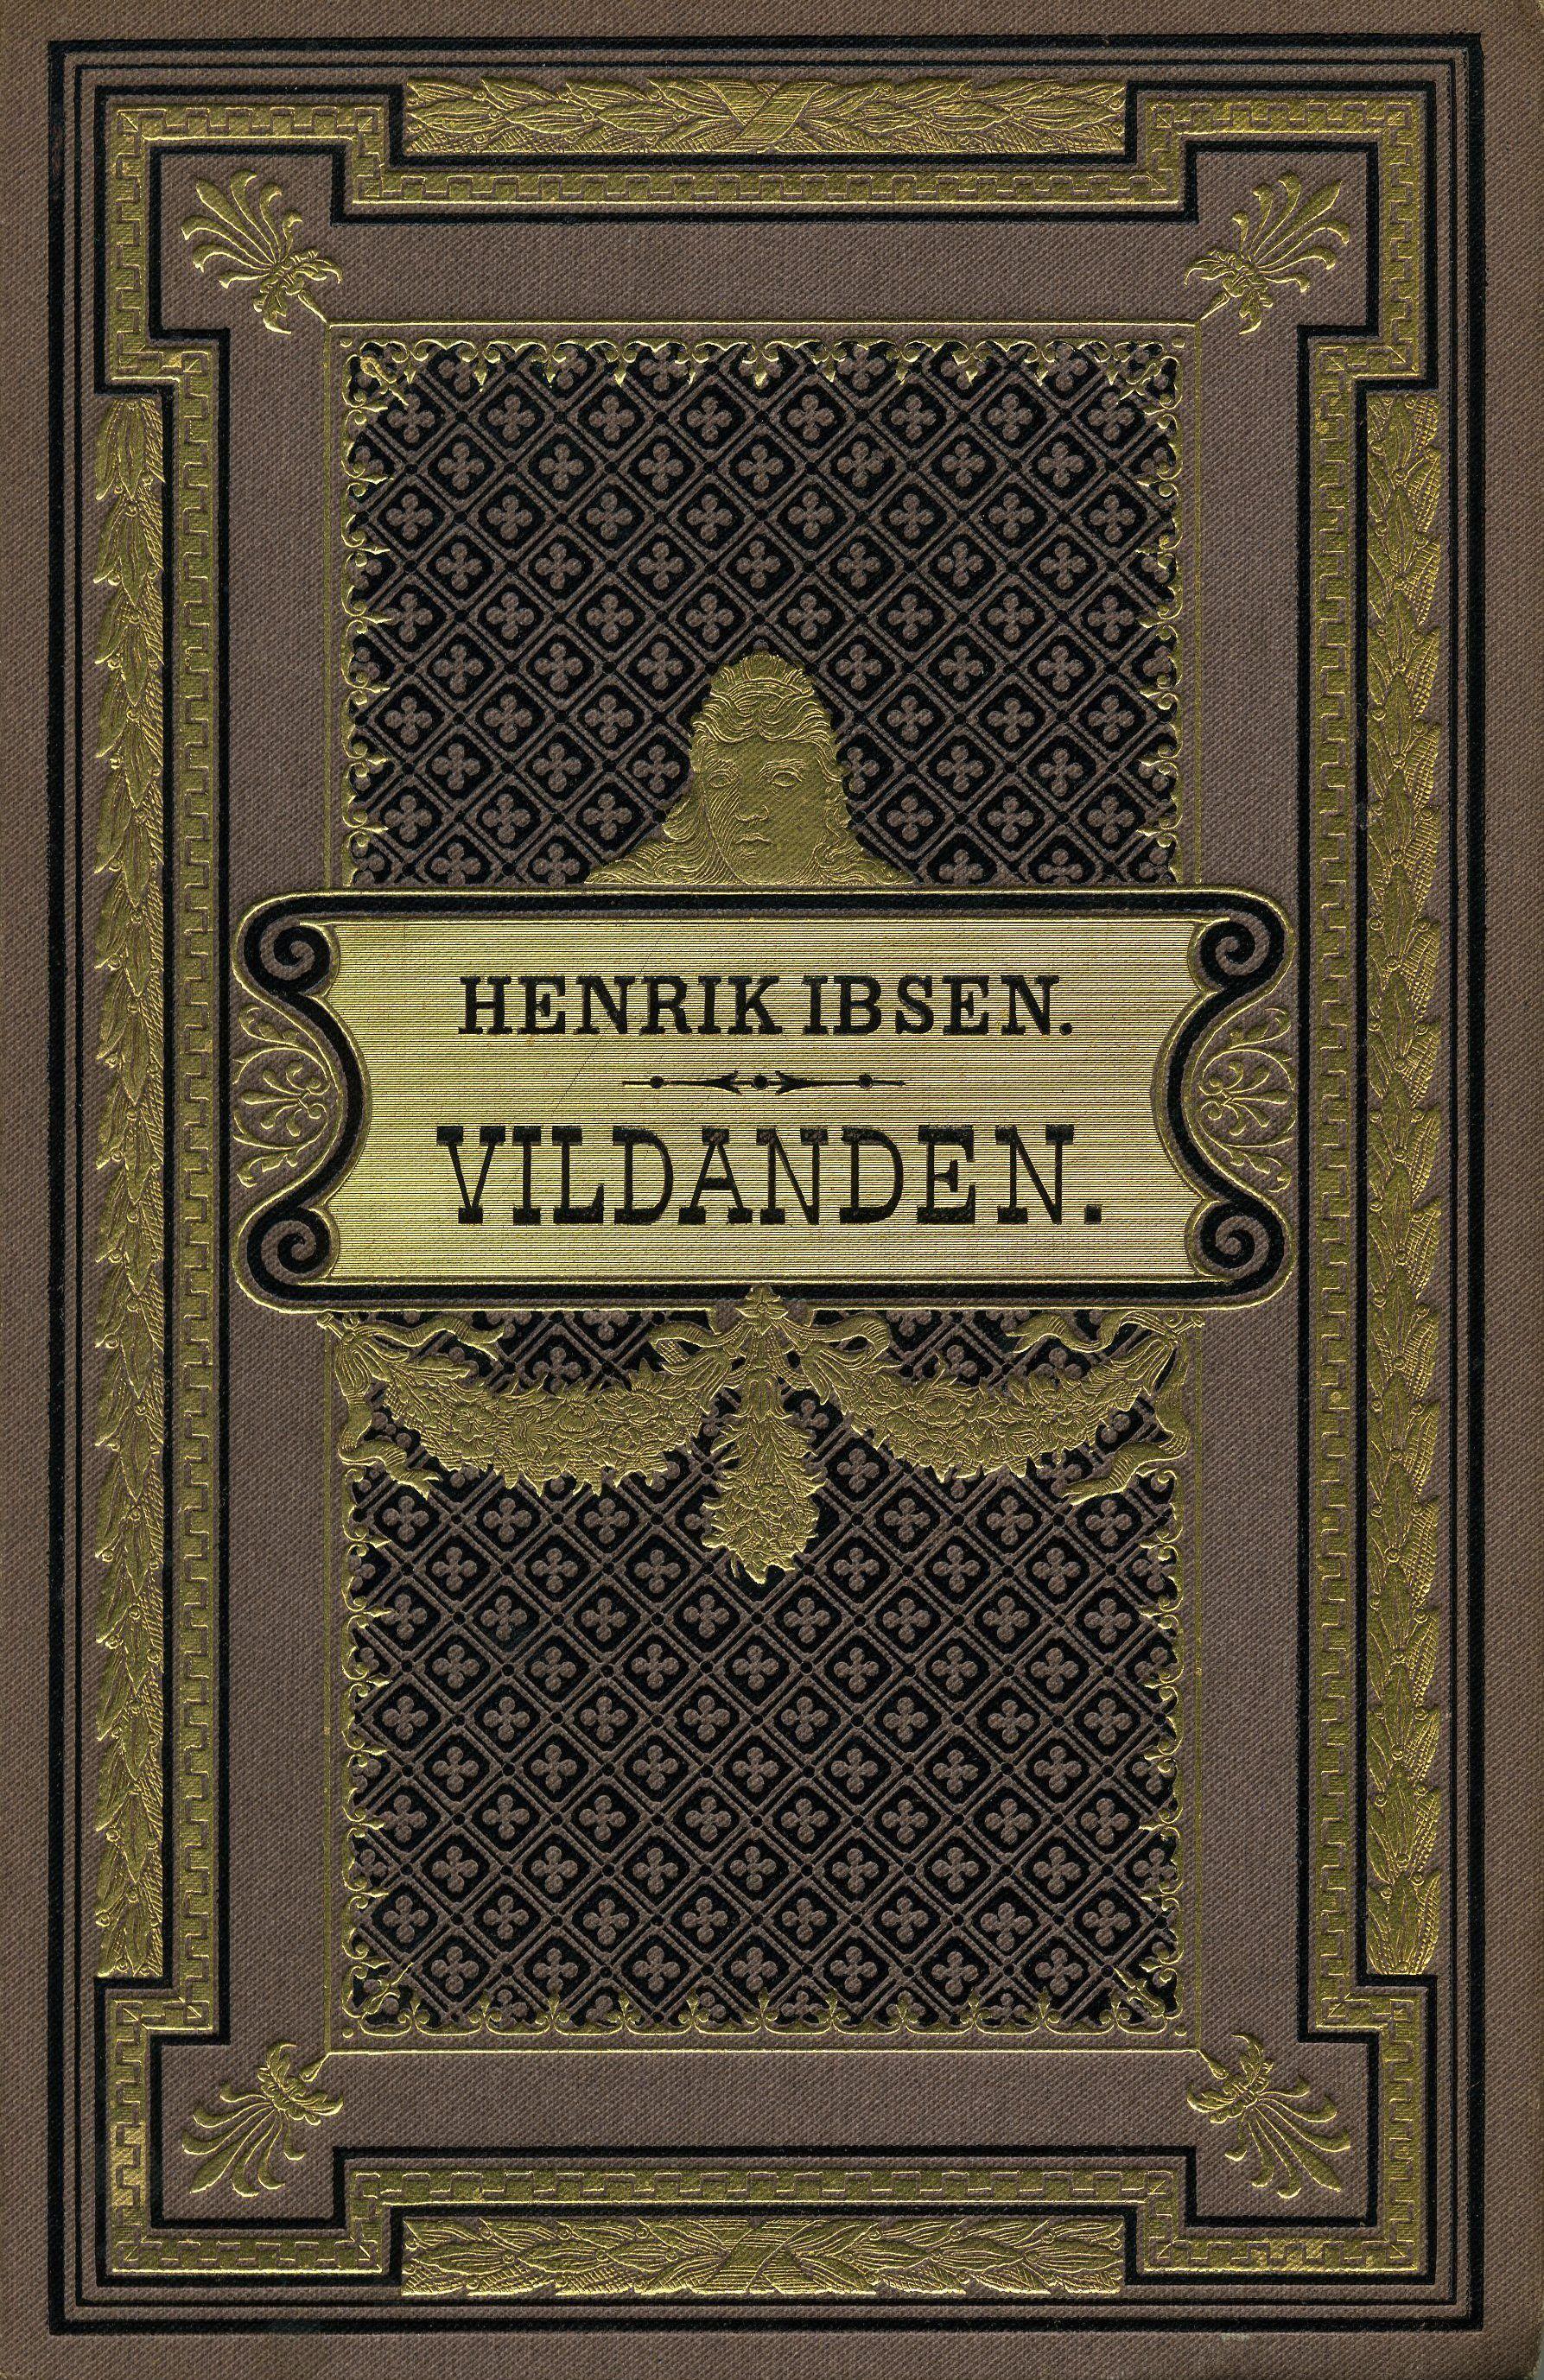 Book cover: Henrik Ibsen, Vildanden, Copenhagen 1884 Ibsen was born 20th march 1828 Ibs, Bogkunst, Læsning, Blog, Livres, Plakat